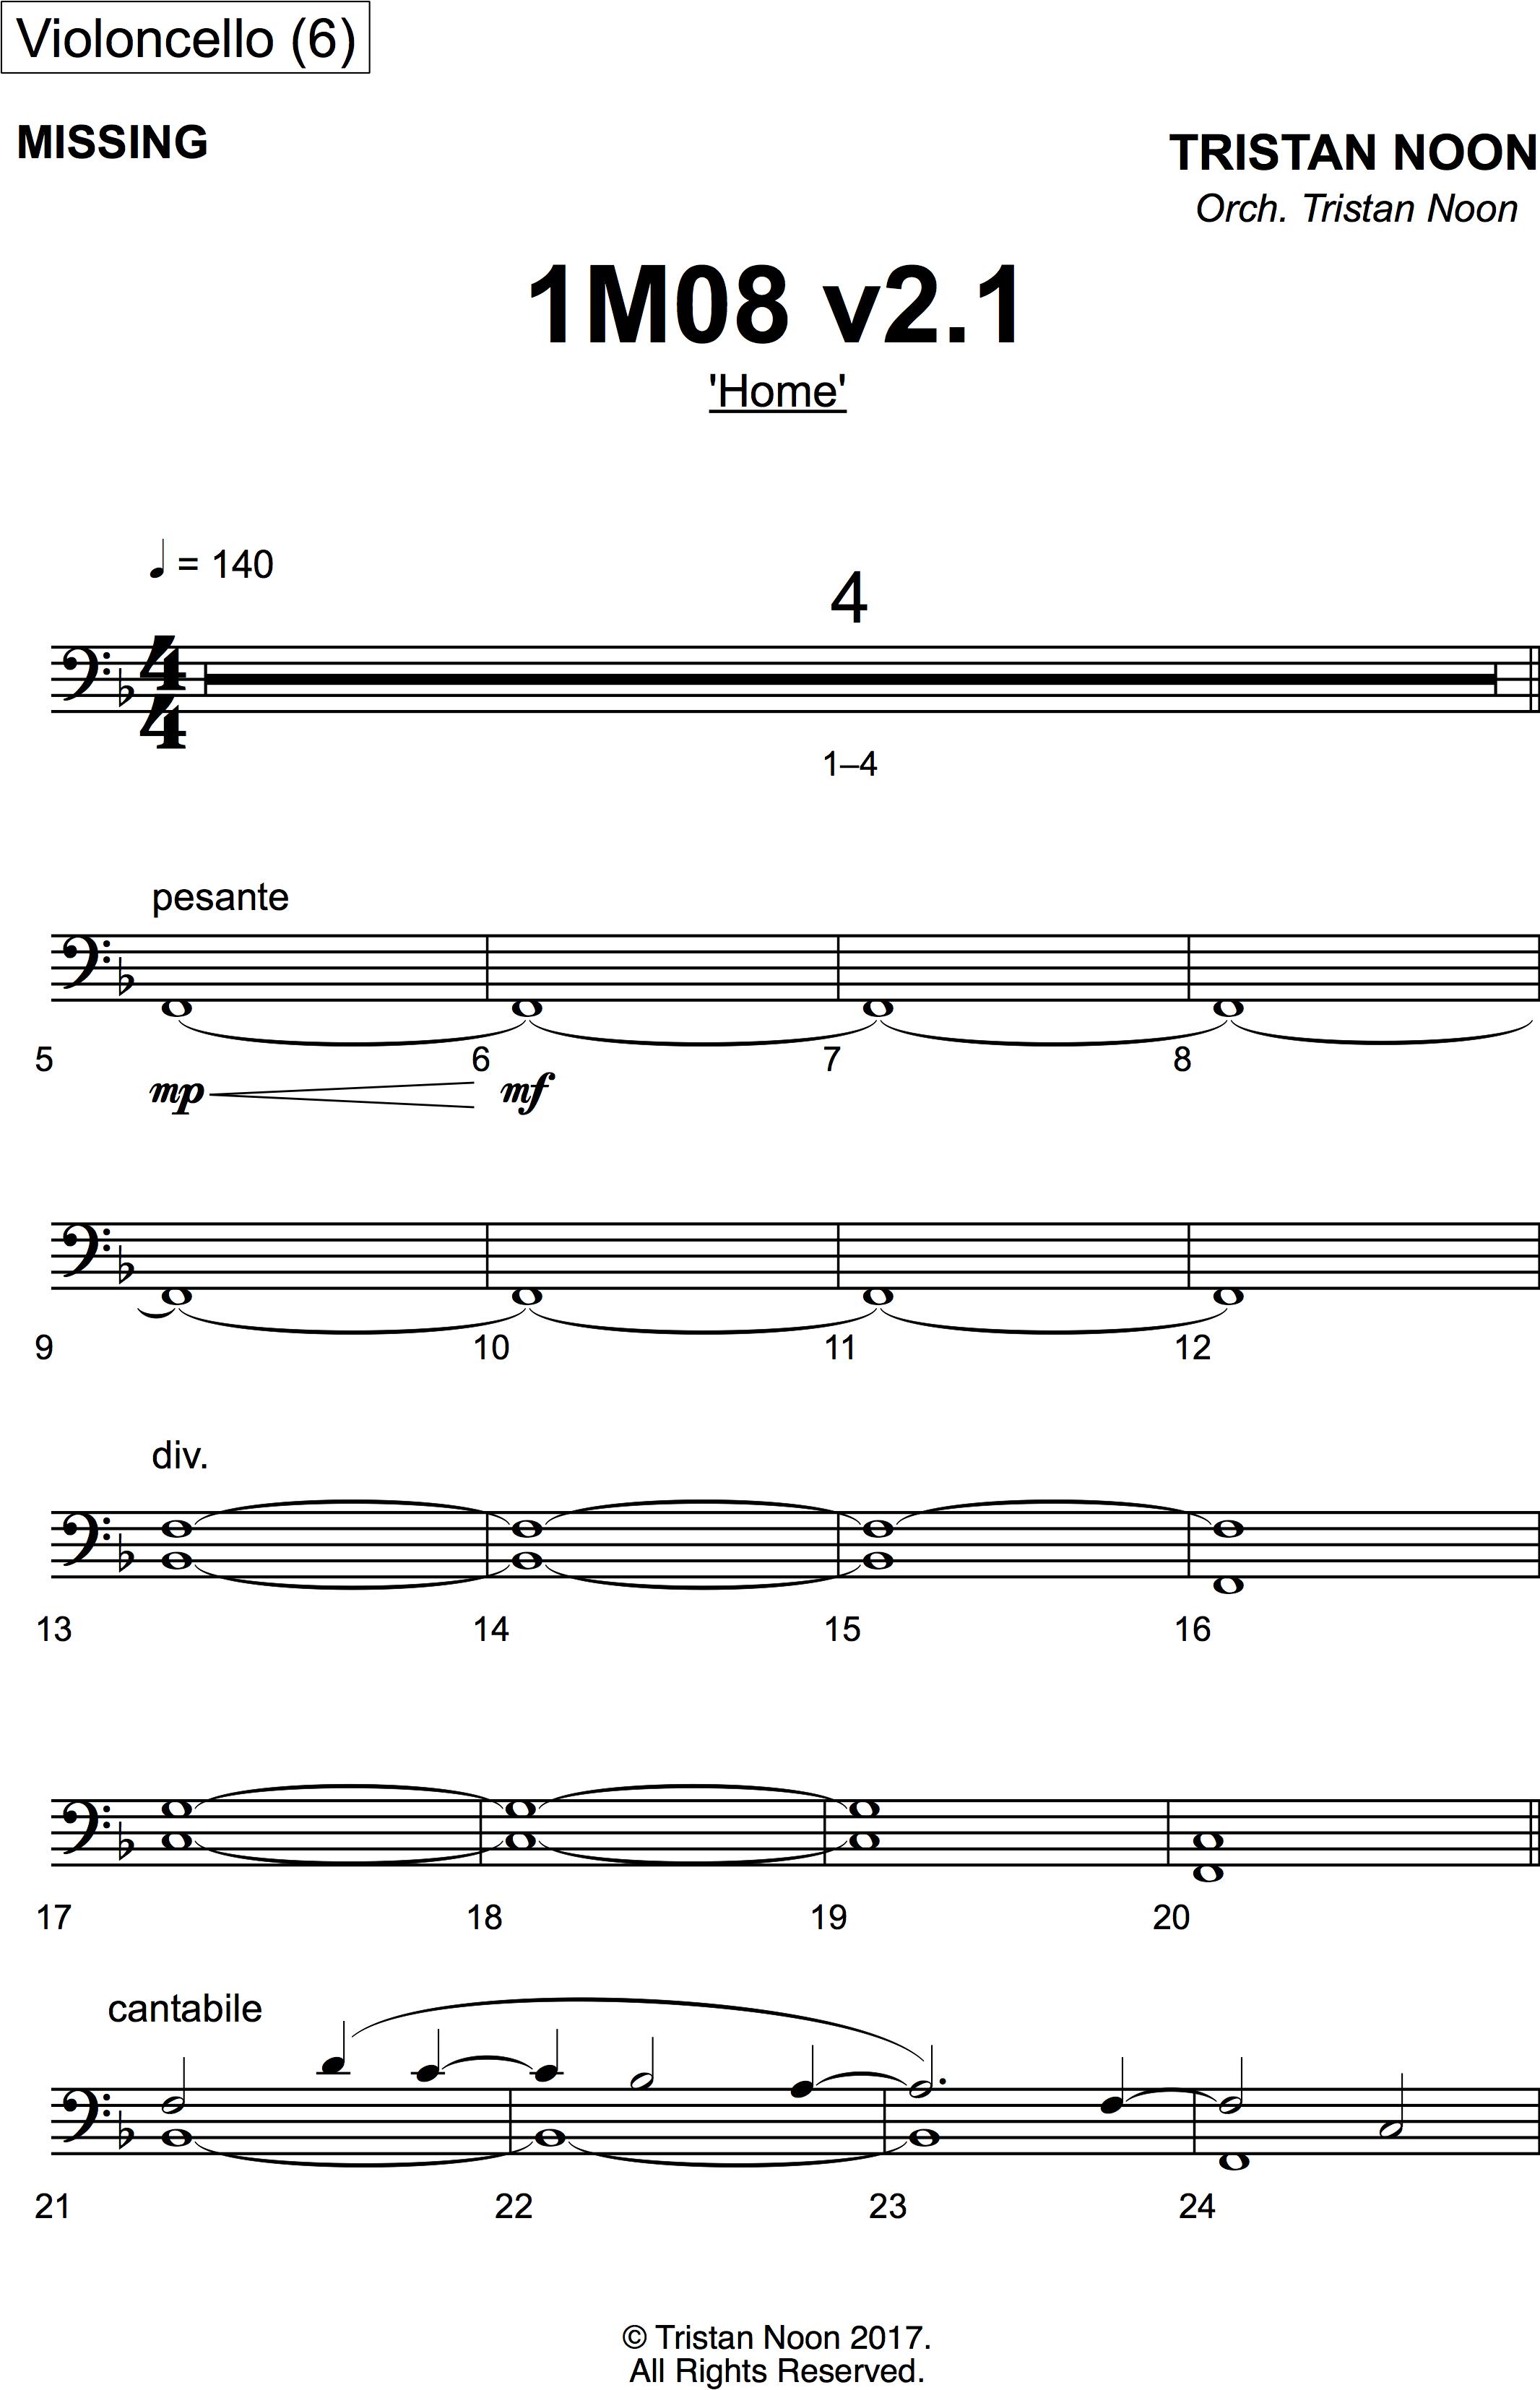 Violoncello (6)_0001.png